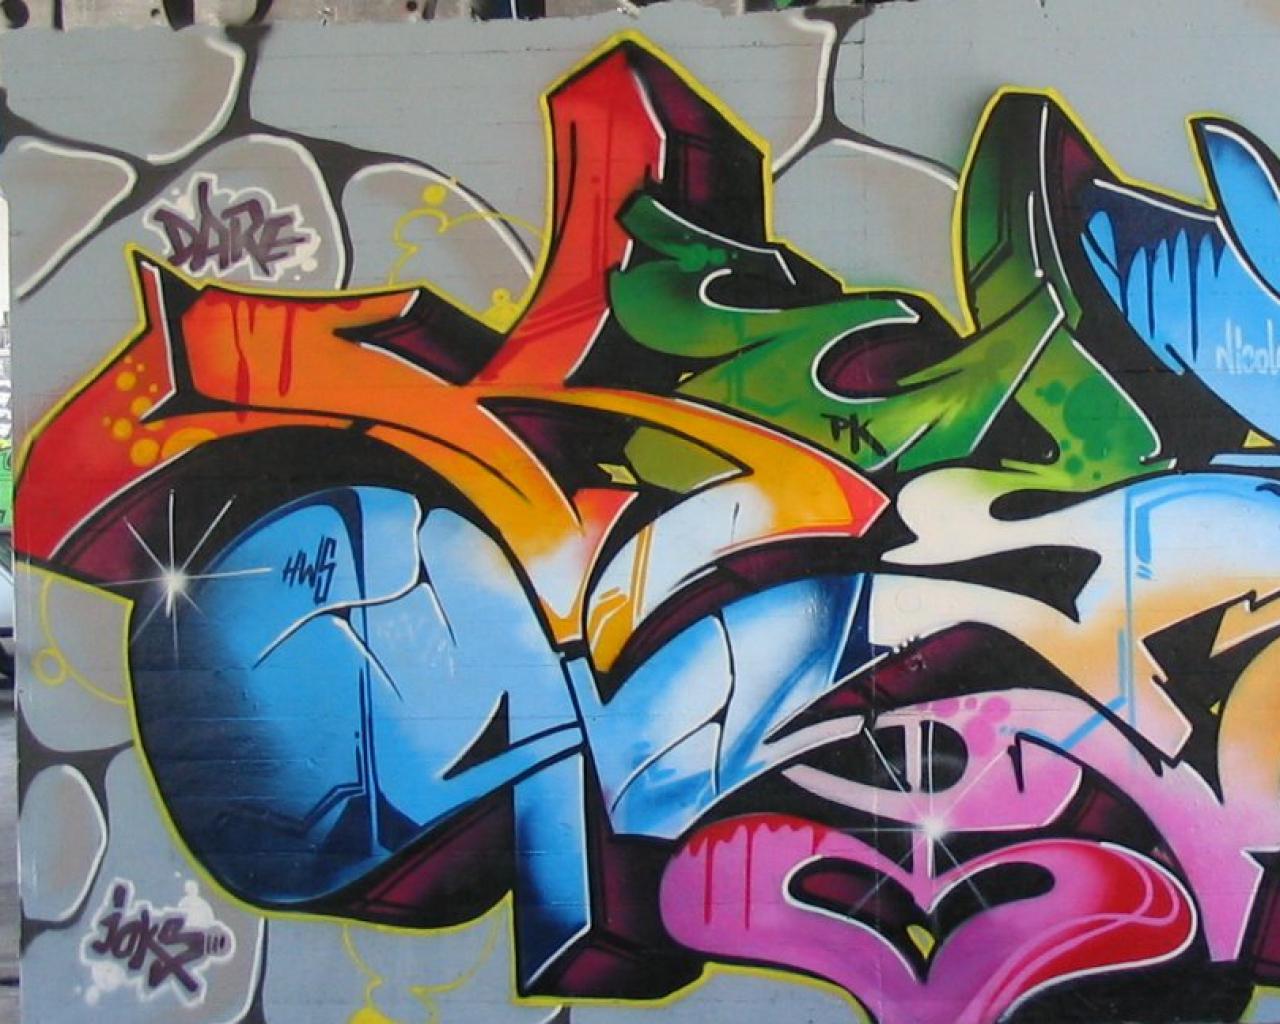 http://1.bp.blogspot.com/-l_B-FPB-8YU/T92a5pfmWgI/AAAAAAAAHCE/IMf90hkQK4M/s1600/Graffiti%2BWallpaper%2B048.jpg